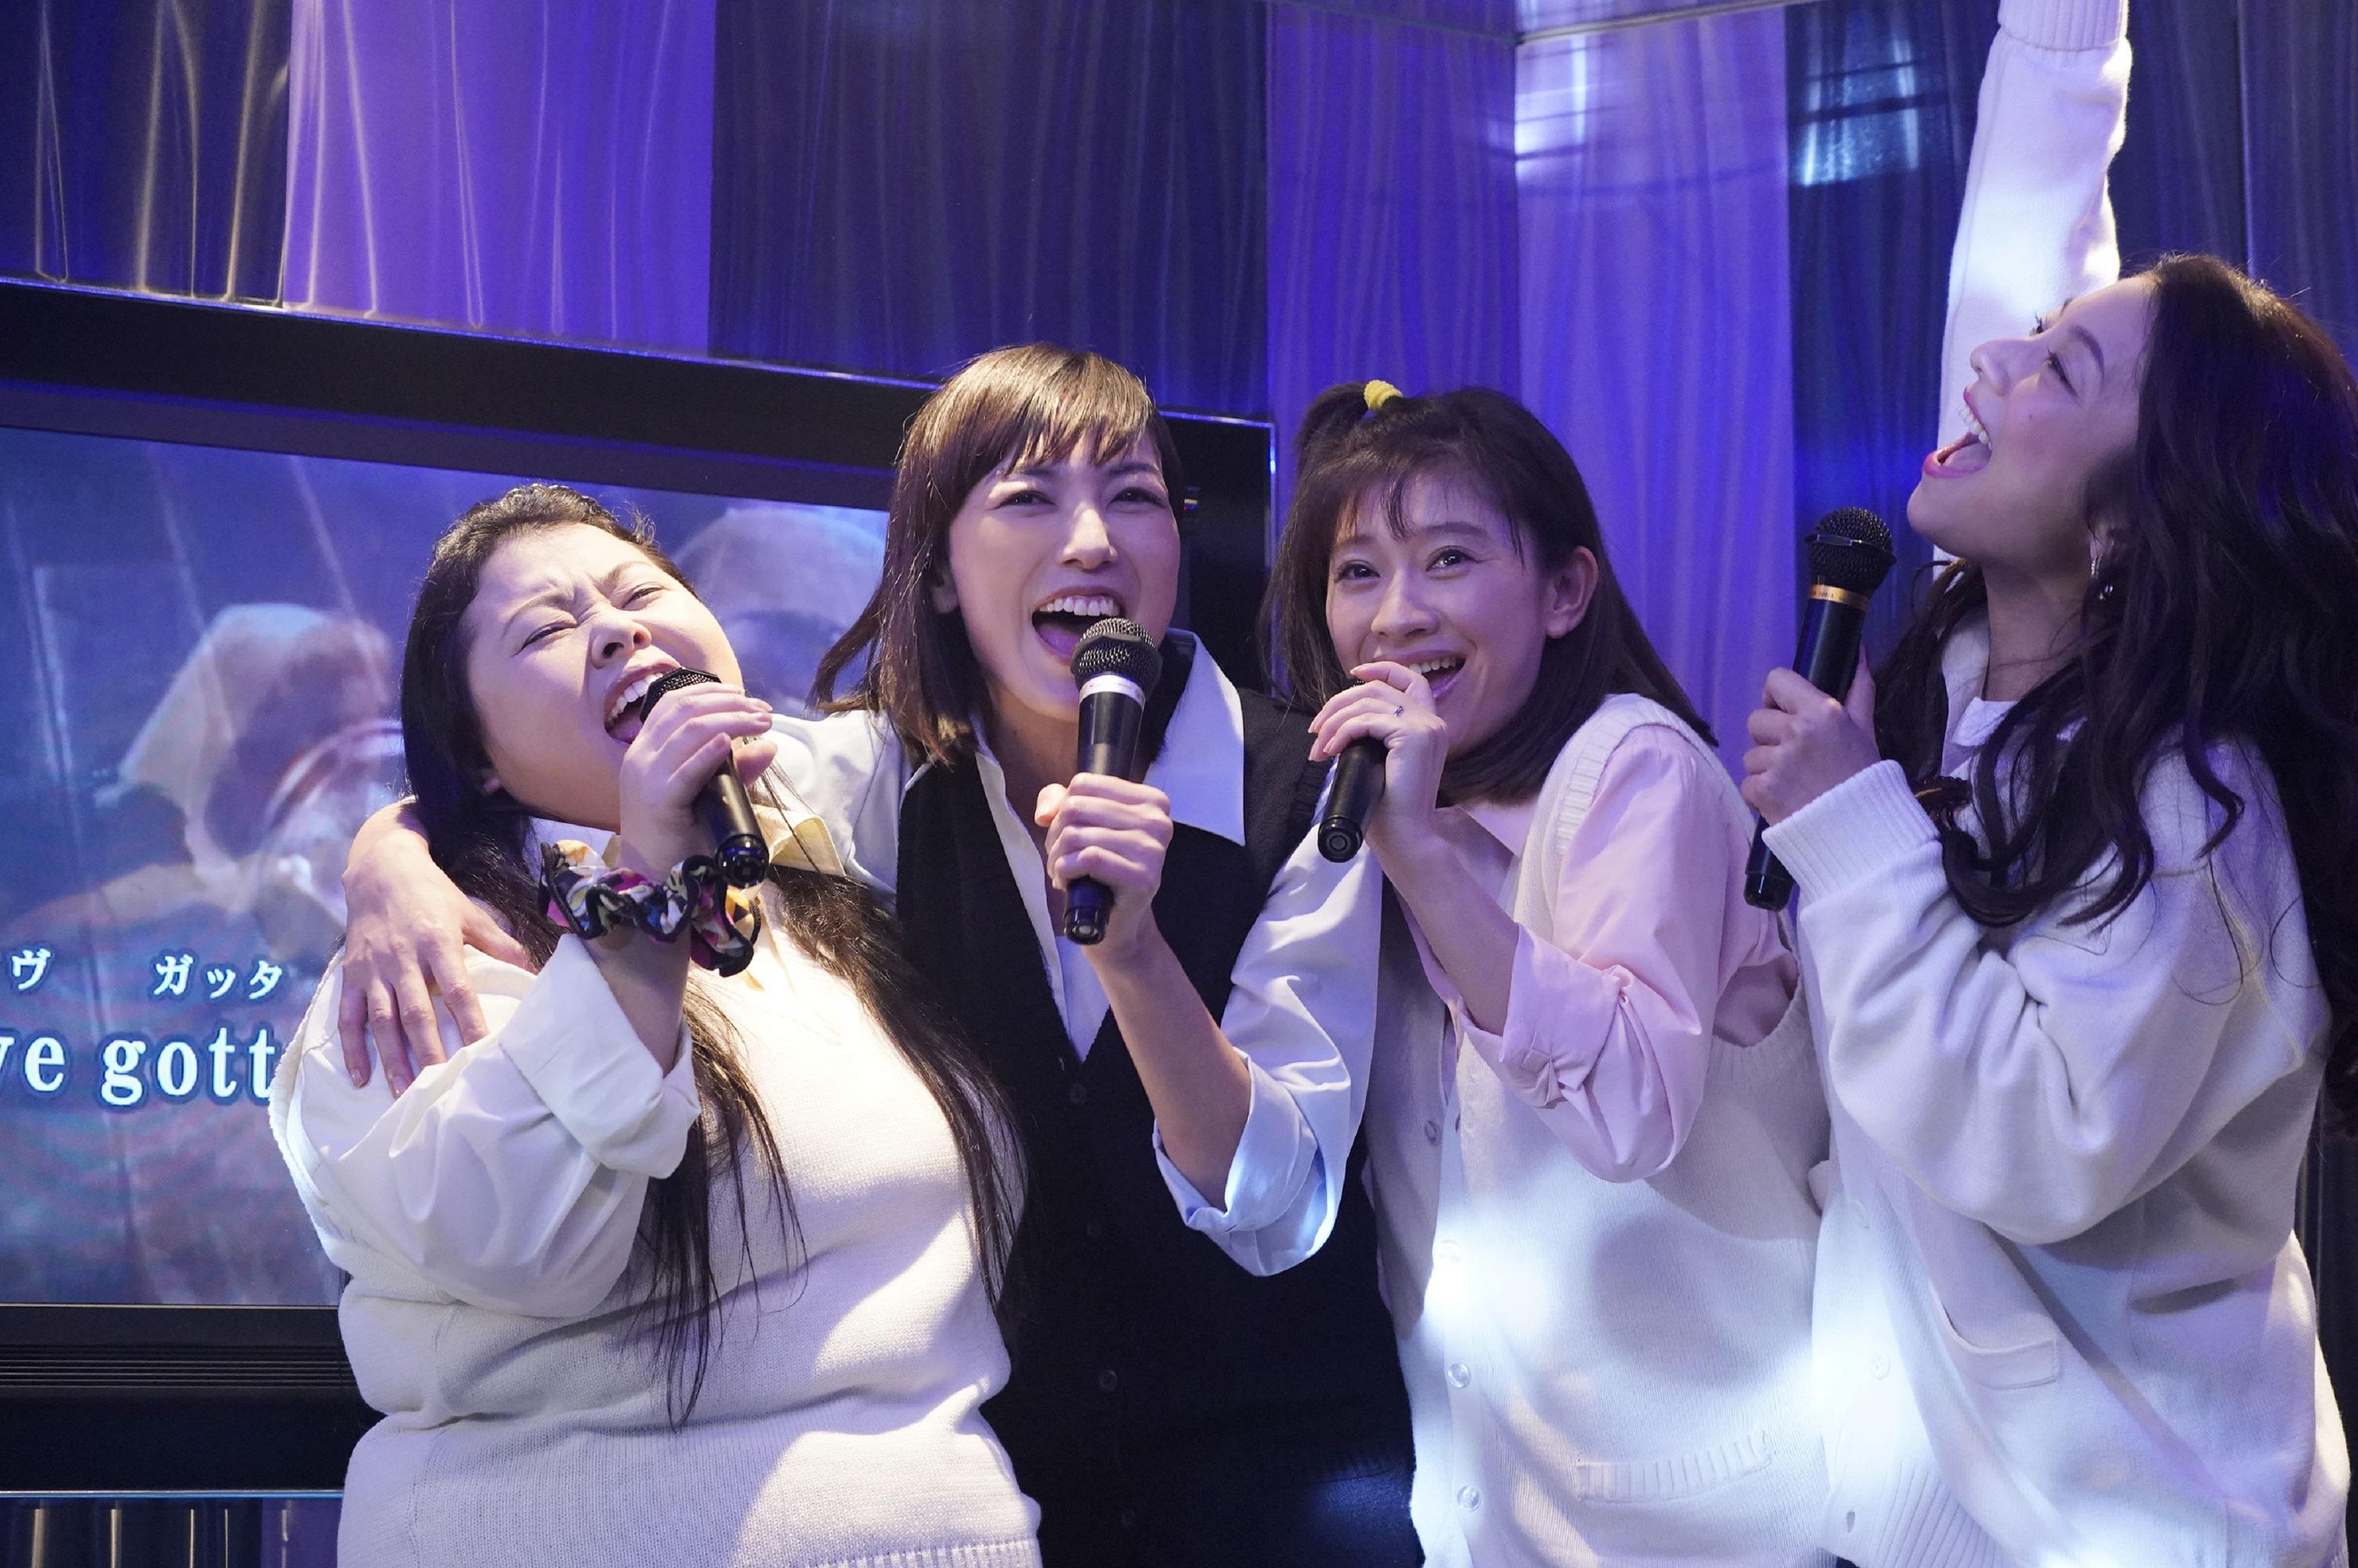 篠原涼子 偷穿女兒校服 為《Sunny 我們的青春》開嗓獻唱  天后安室奈美惠 另類現身大銀幕 意義非凡逼哭觀眾